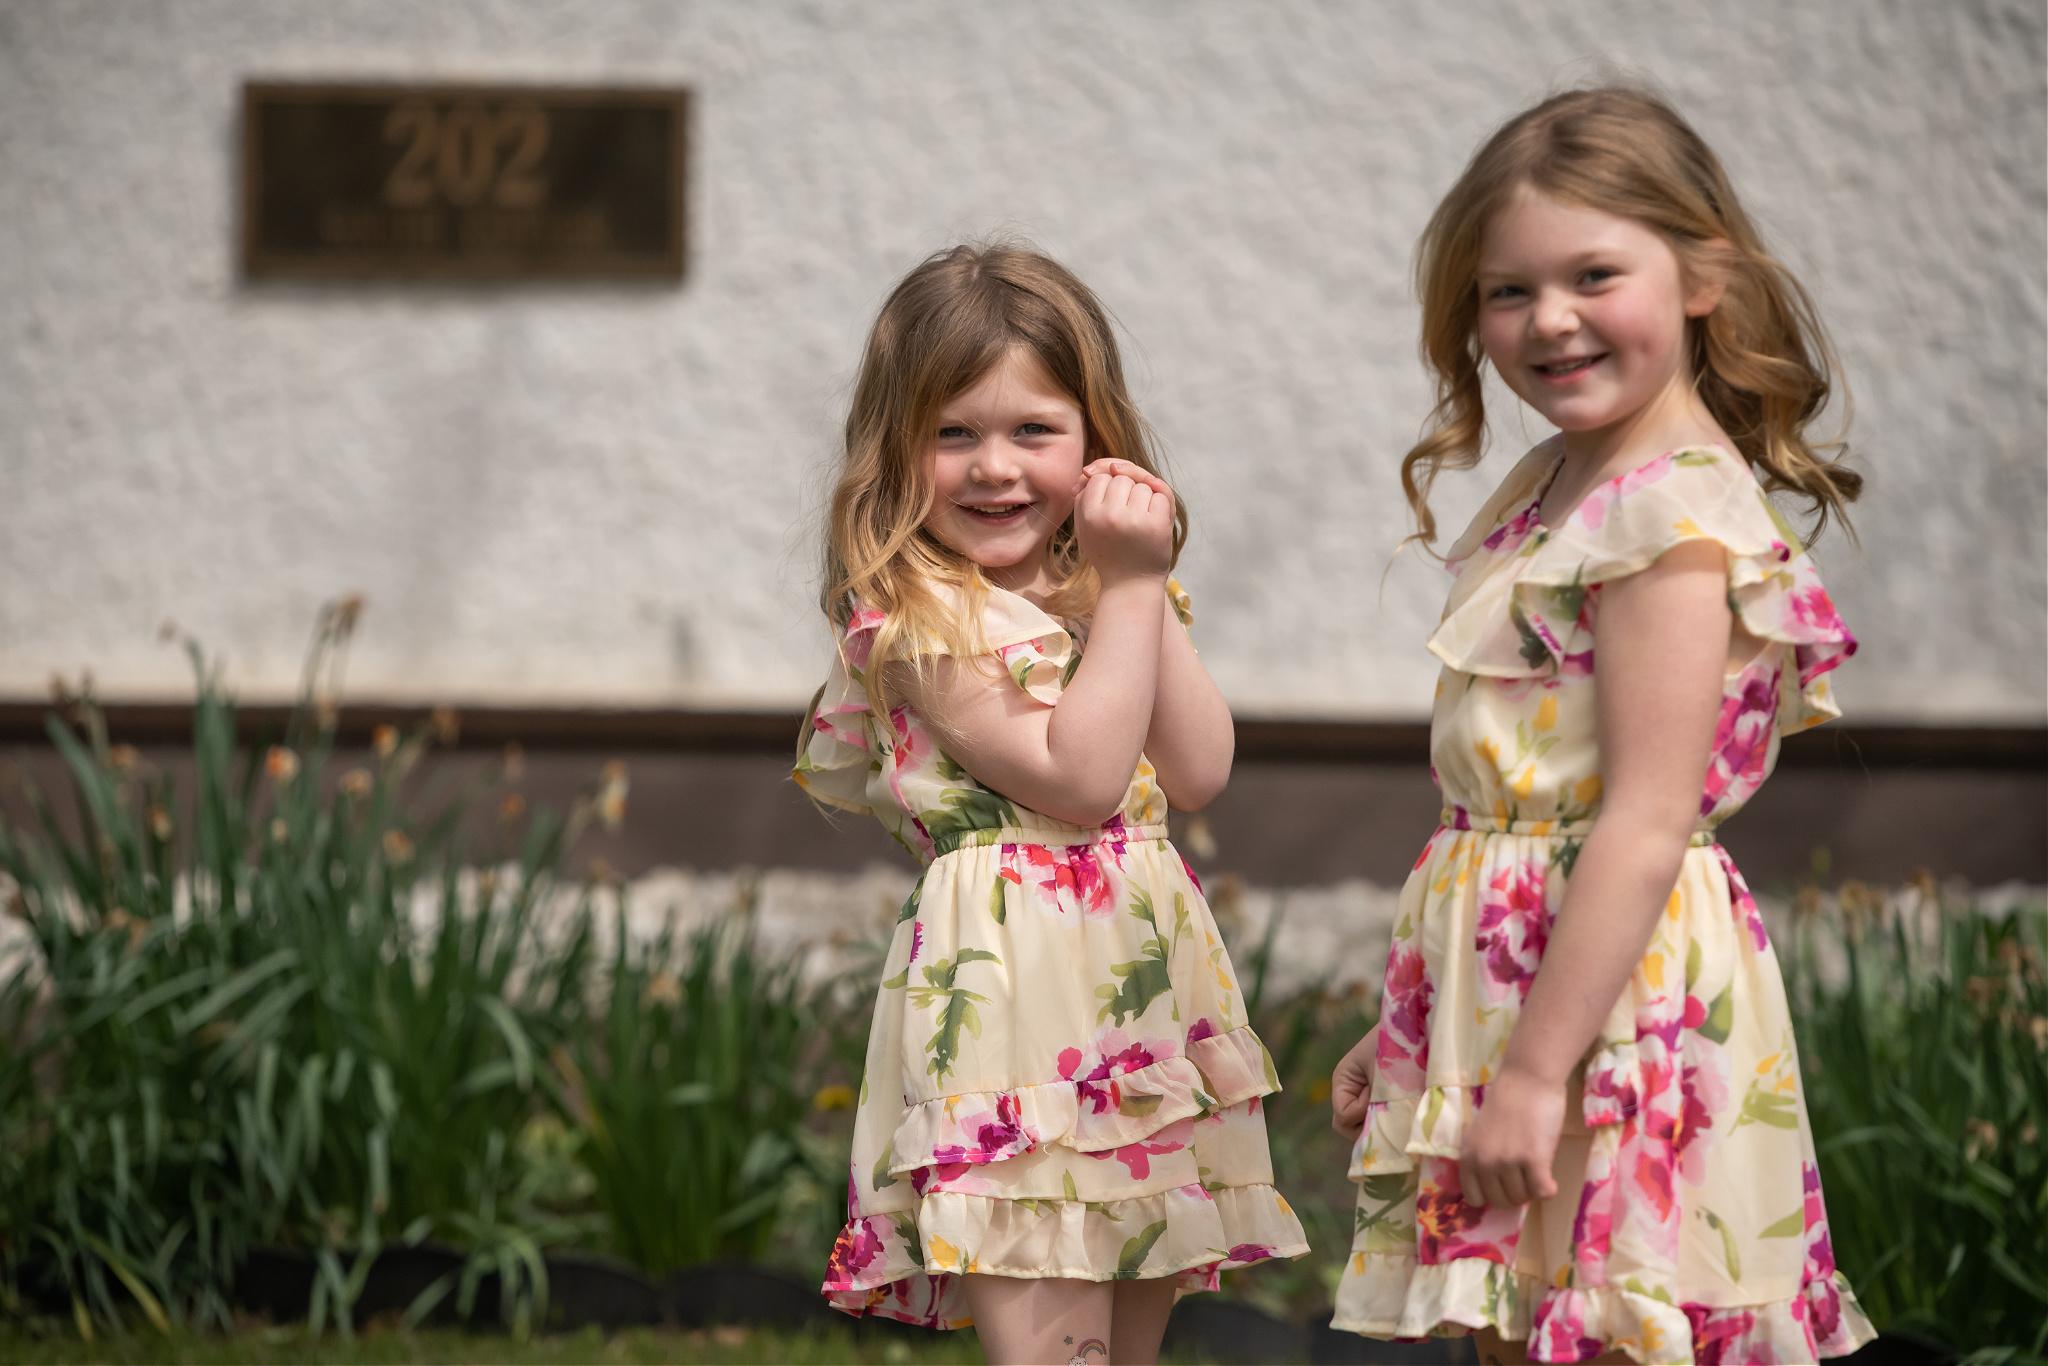 Family Friday (vol. 126): Springing into Summer via @preventionrd